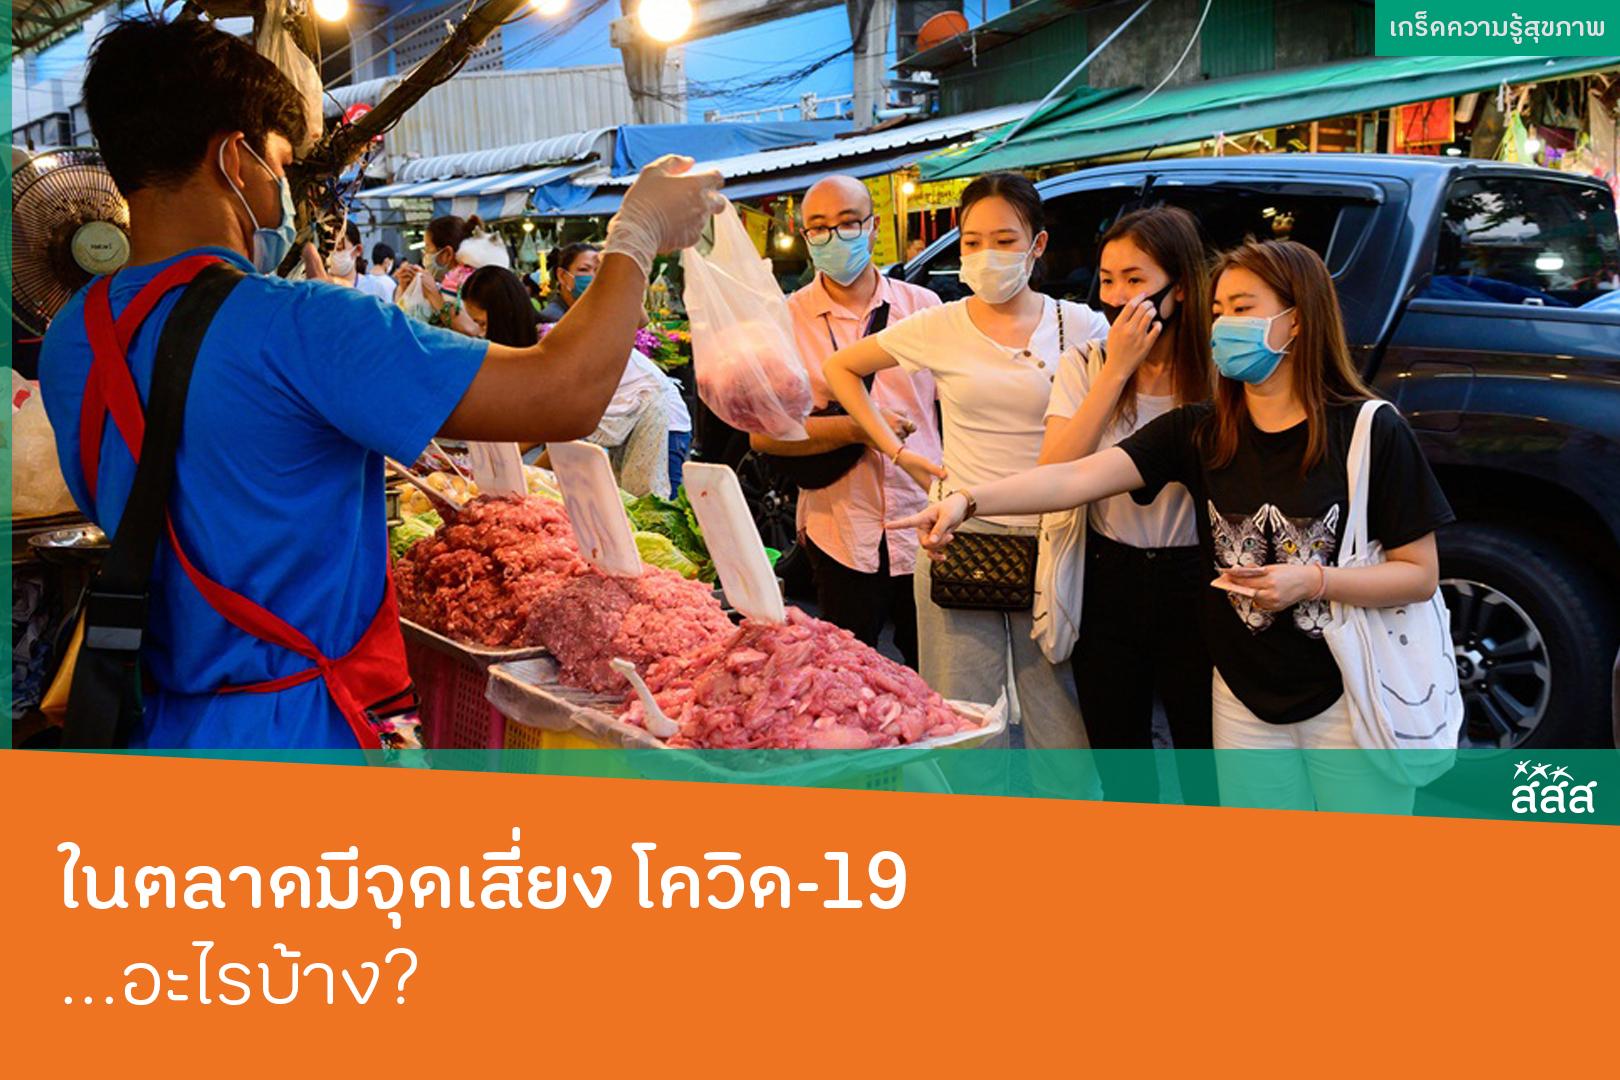 ในตลาดมีจุดเสี่ยง โควิด-19 อะไรบ้าง thaihealth